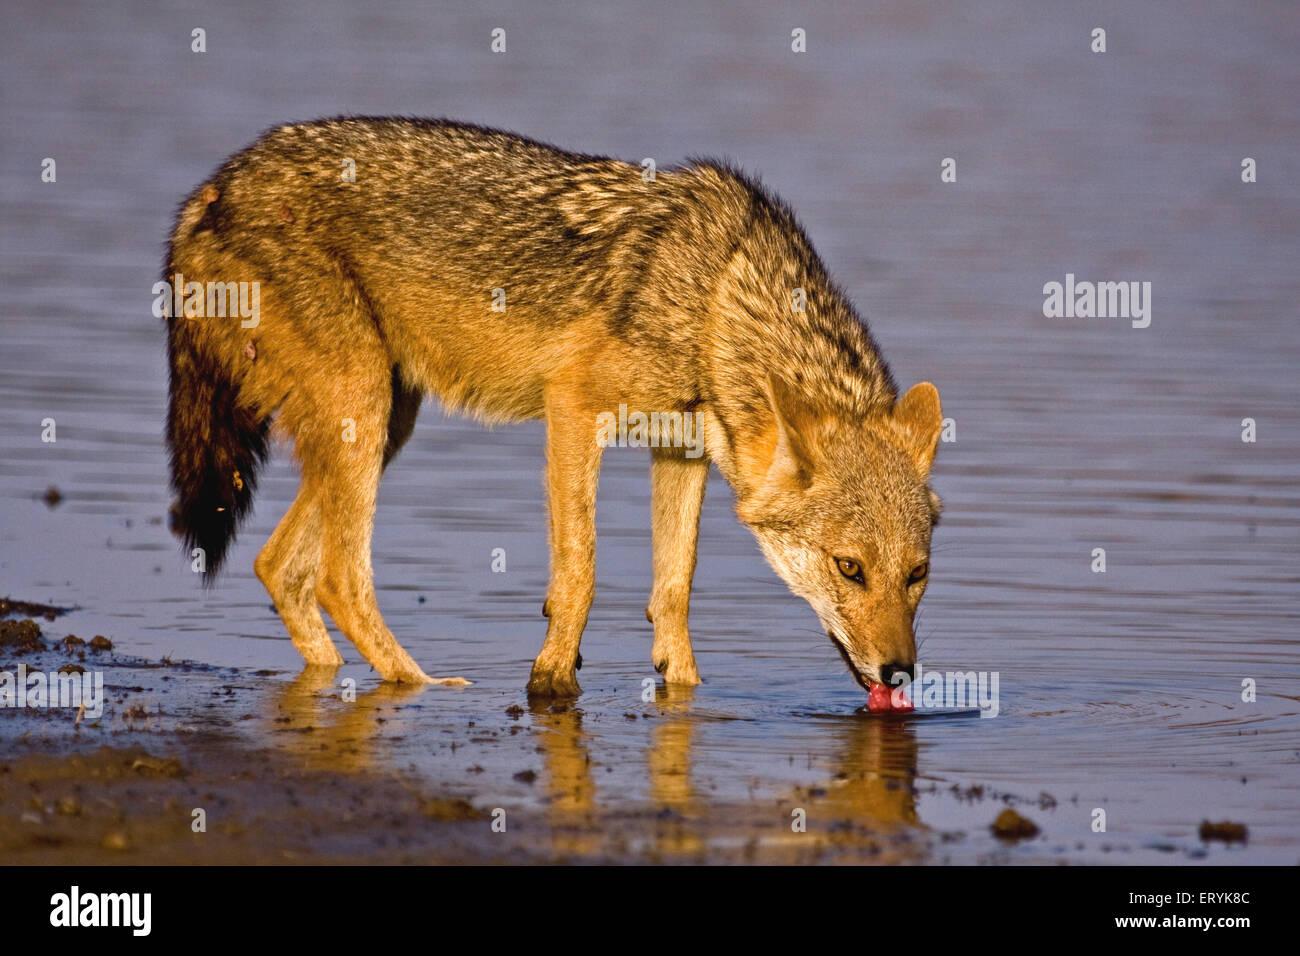 Le Chacal Canis aureus d'or de l'eau potable; le parc national de Ranthambore Rajasthan; Inde; Banque D'Images